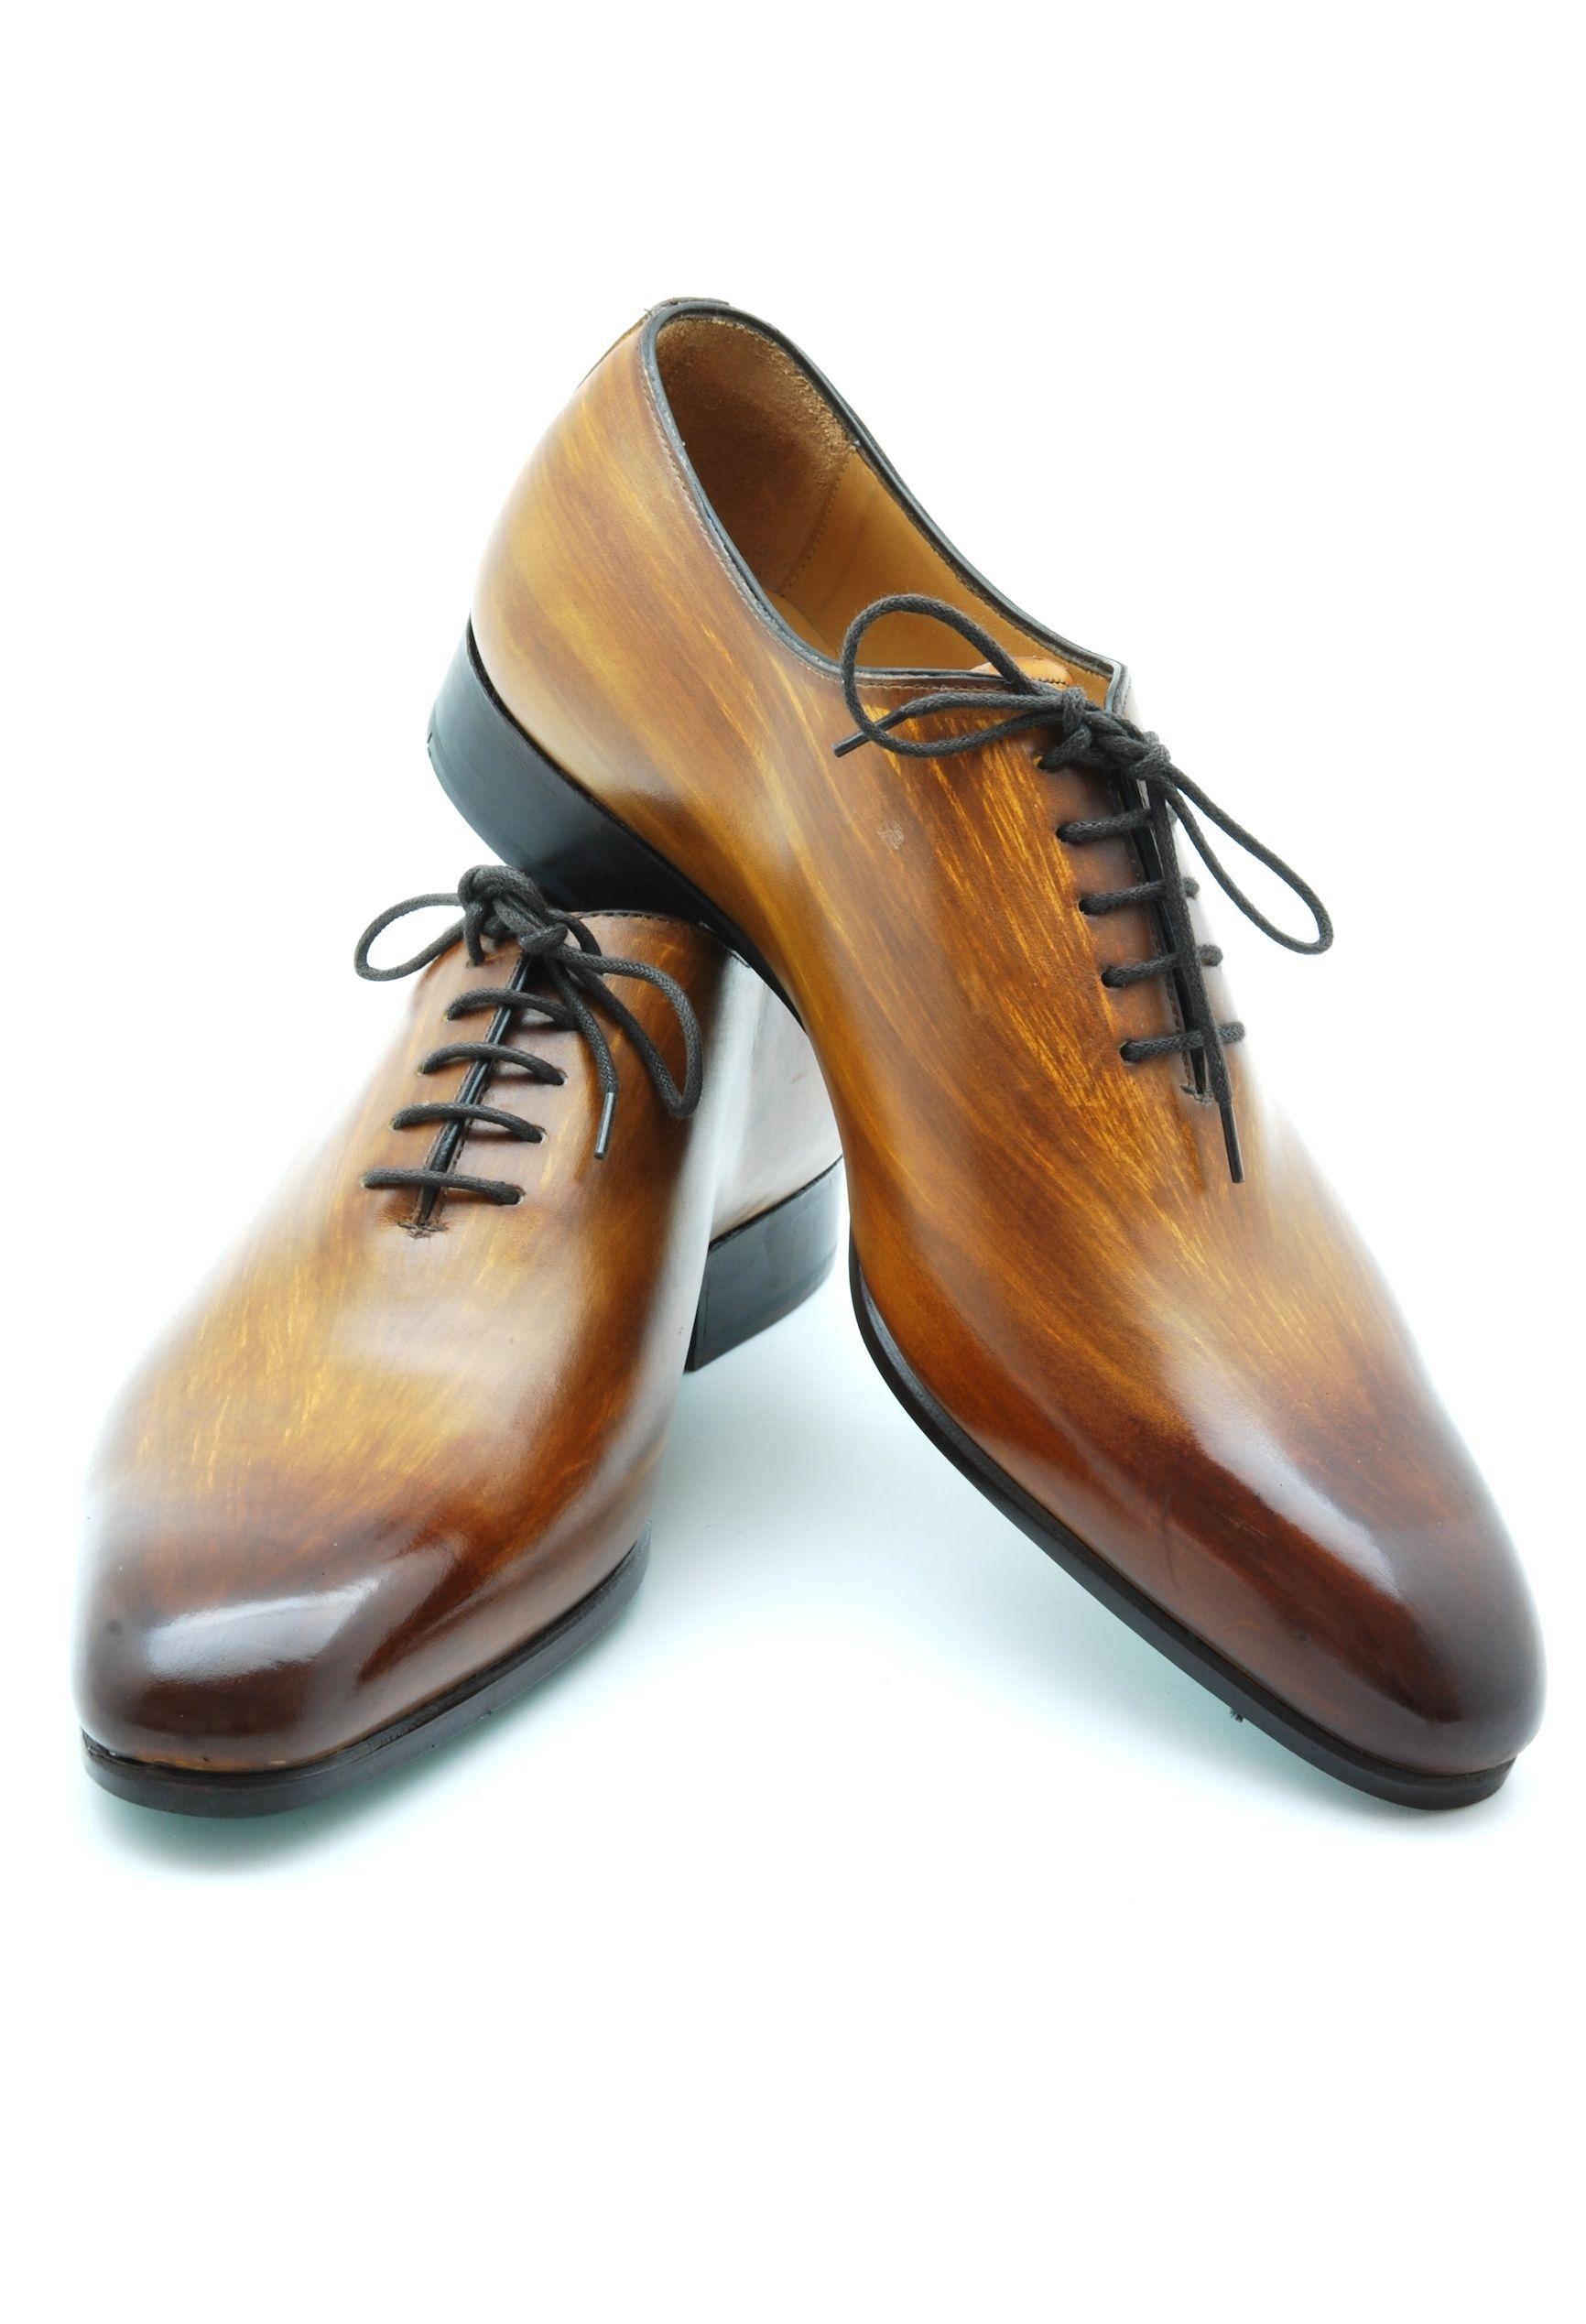 Santos Carlos De MarronShoes Gamme Haut Patine Chaussure BerdCxo